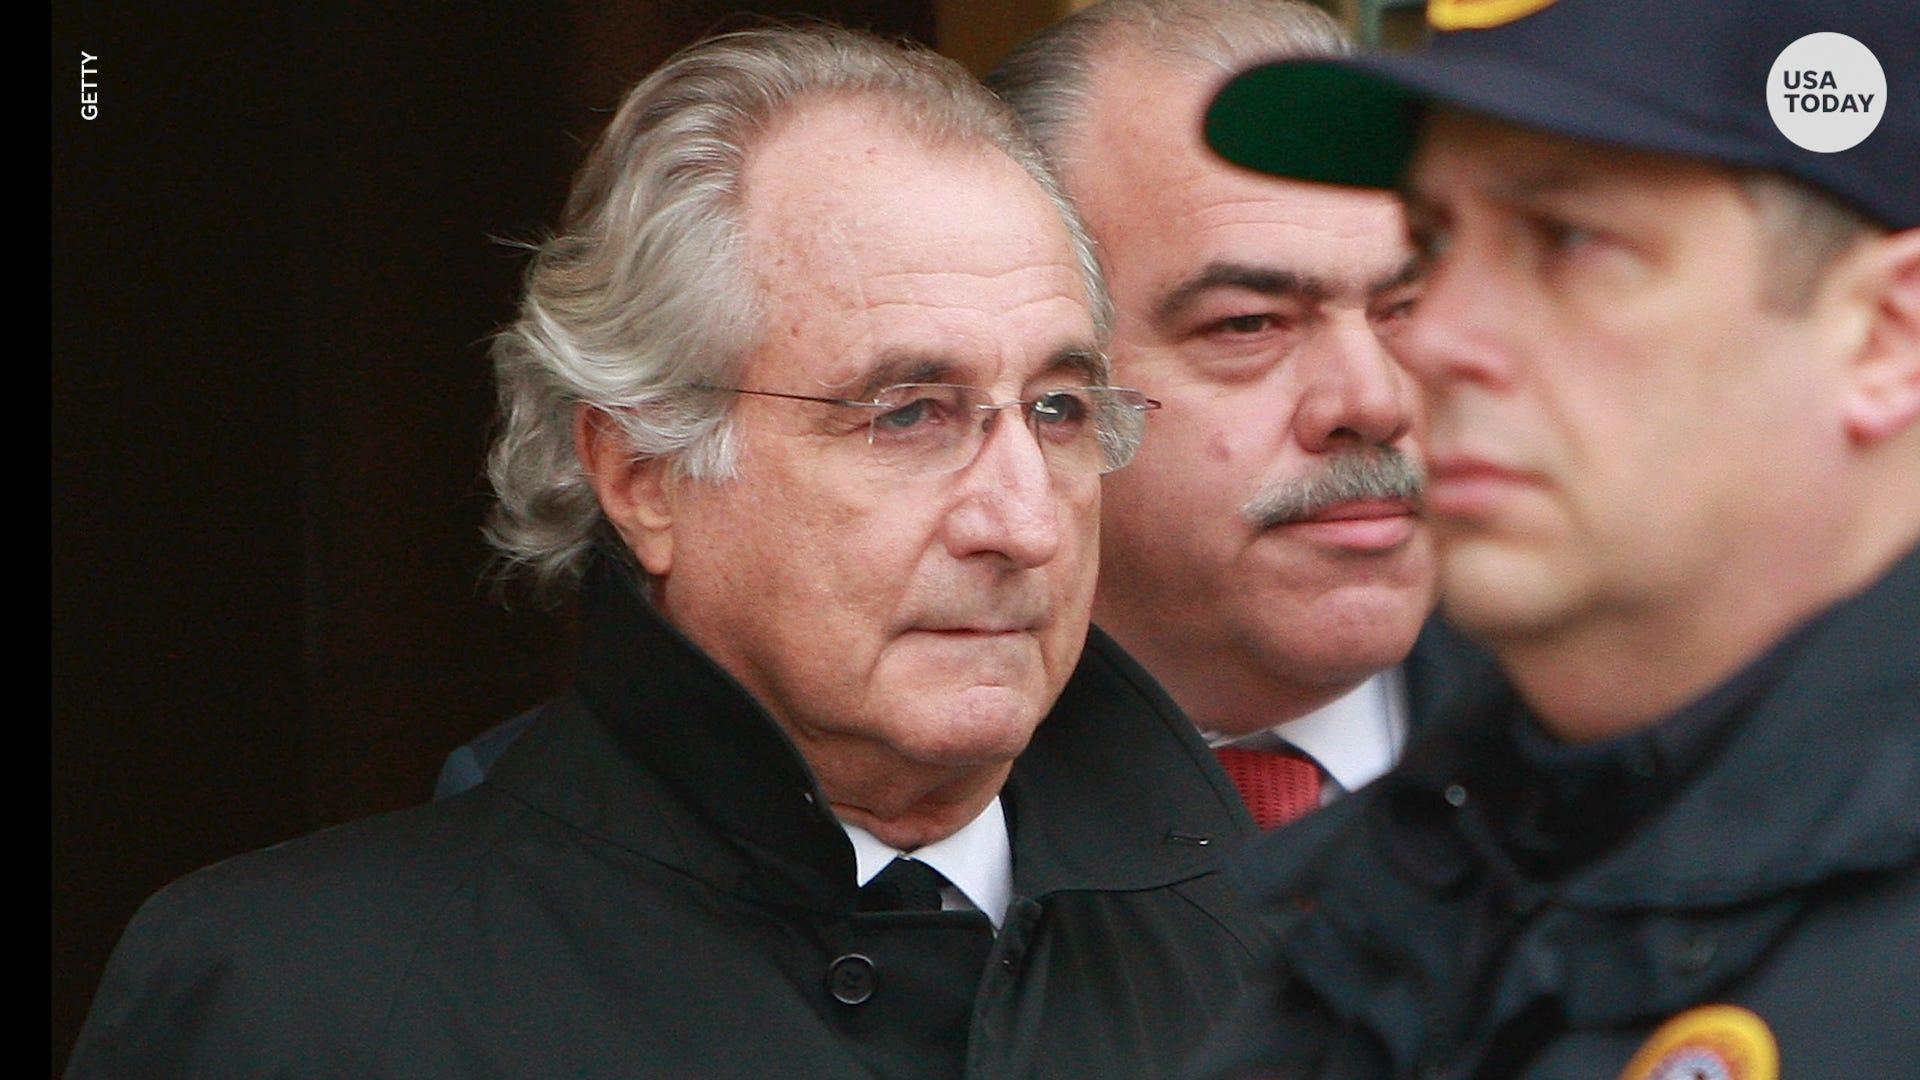 Bernie Madoff, leader of decades-long Ponzi scheme, dies in prison